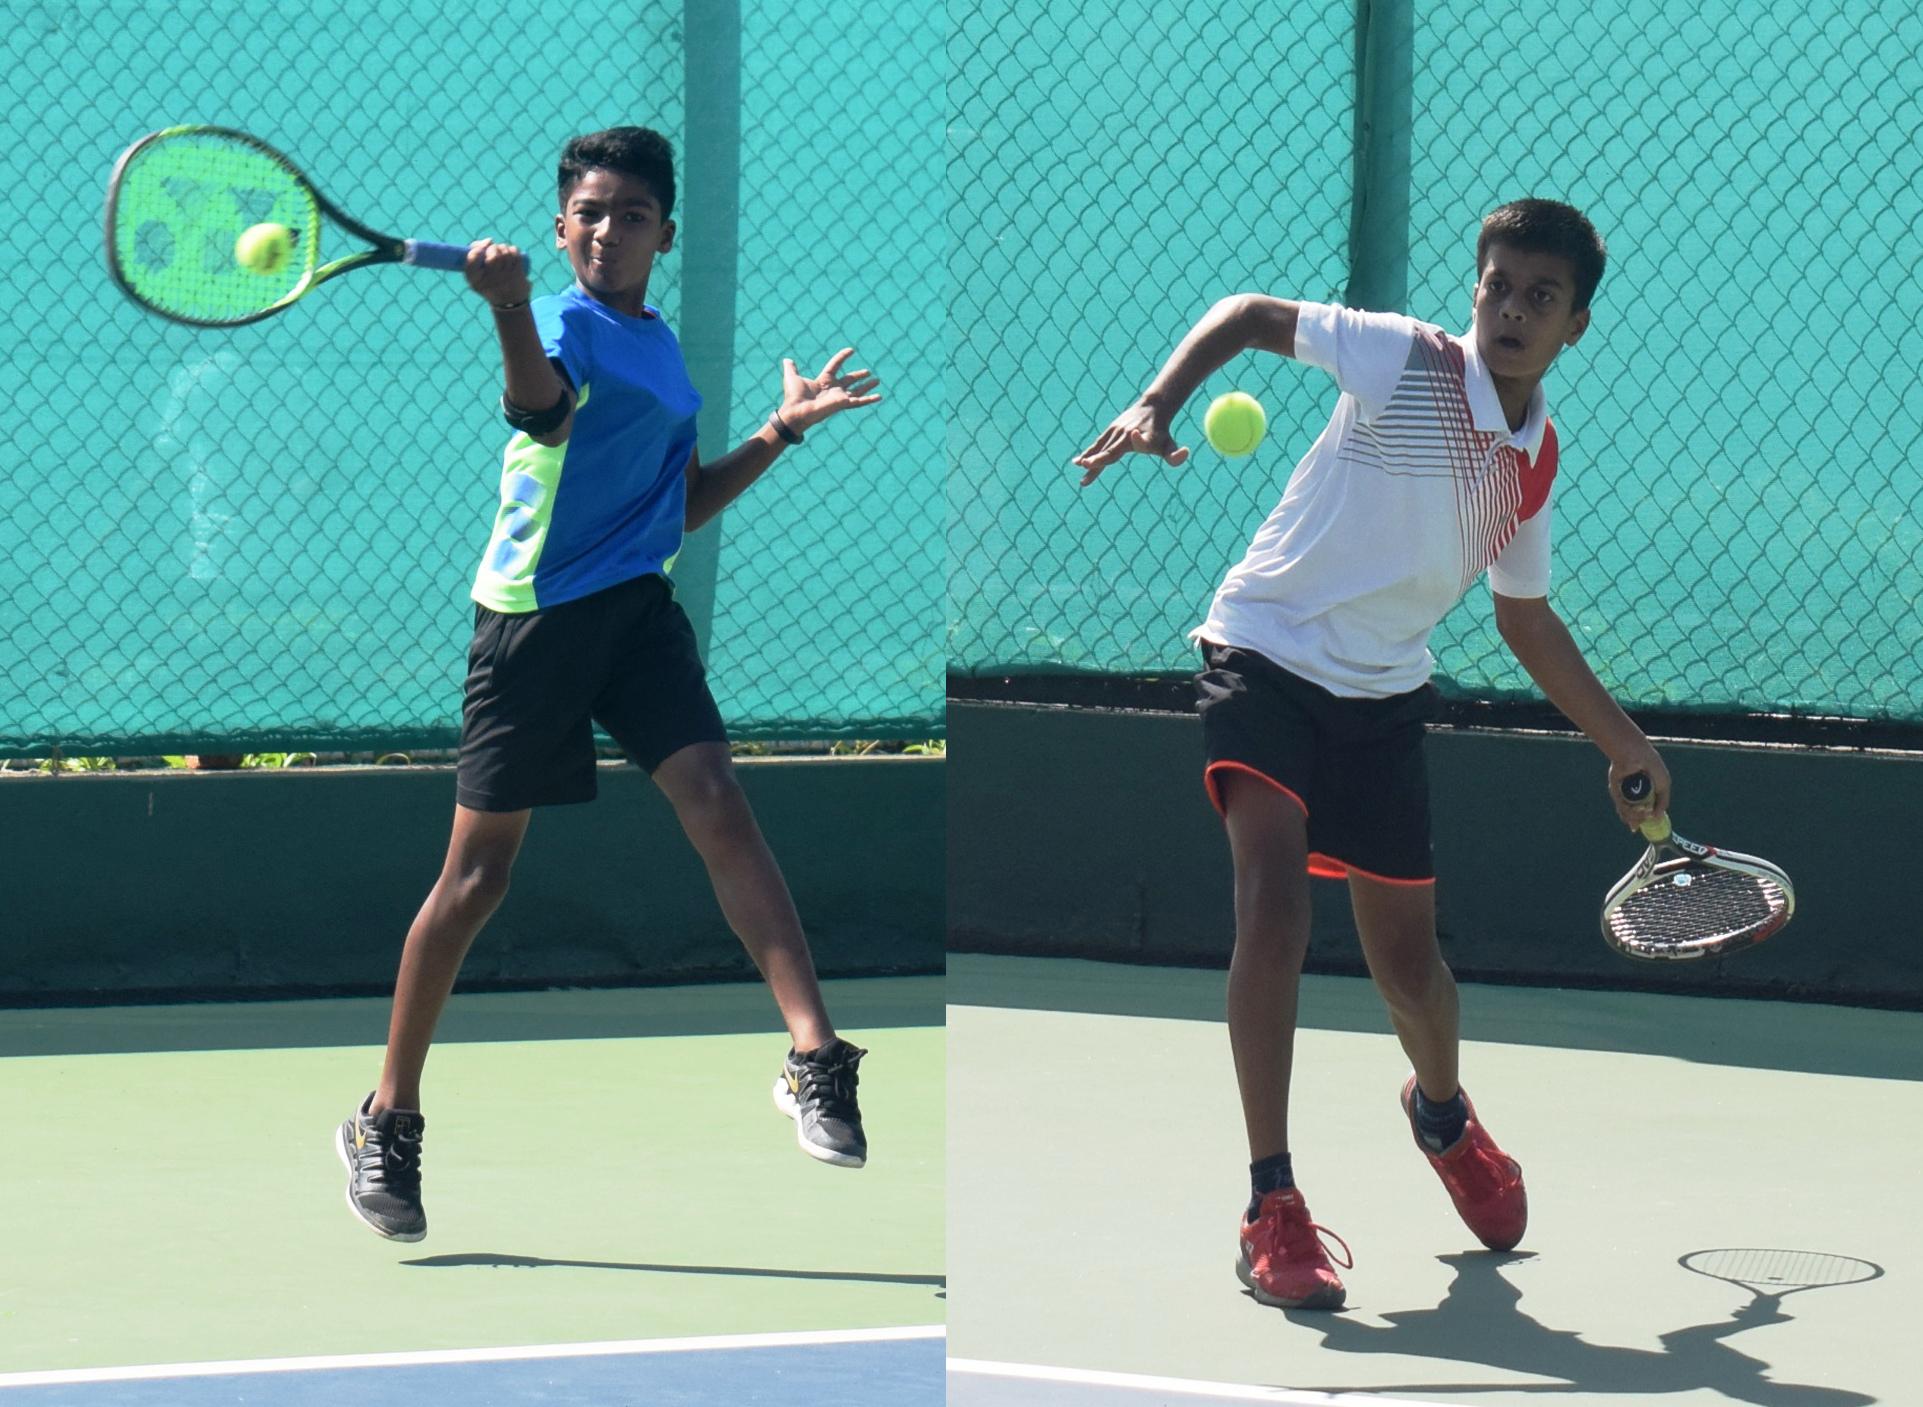 14 वर्षाखालील टेनिस स्पर्धेत विश्वजीत सणस, अभय नागराजन, ओंकार शिंदे यांची विजयी सलामी